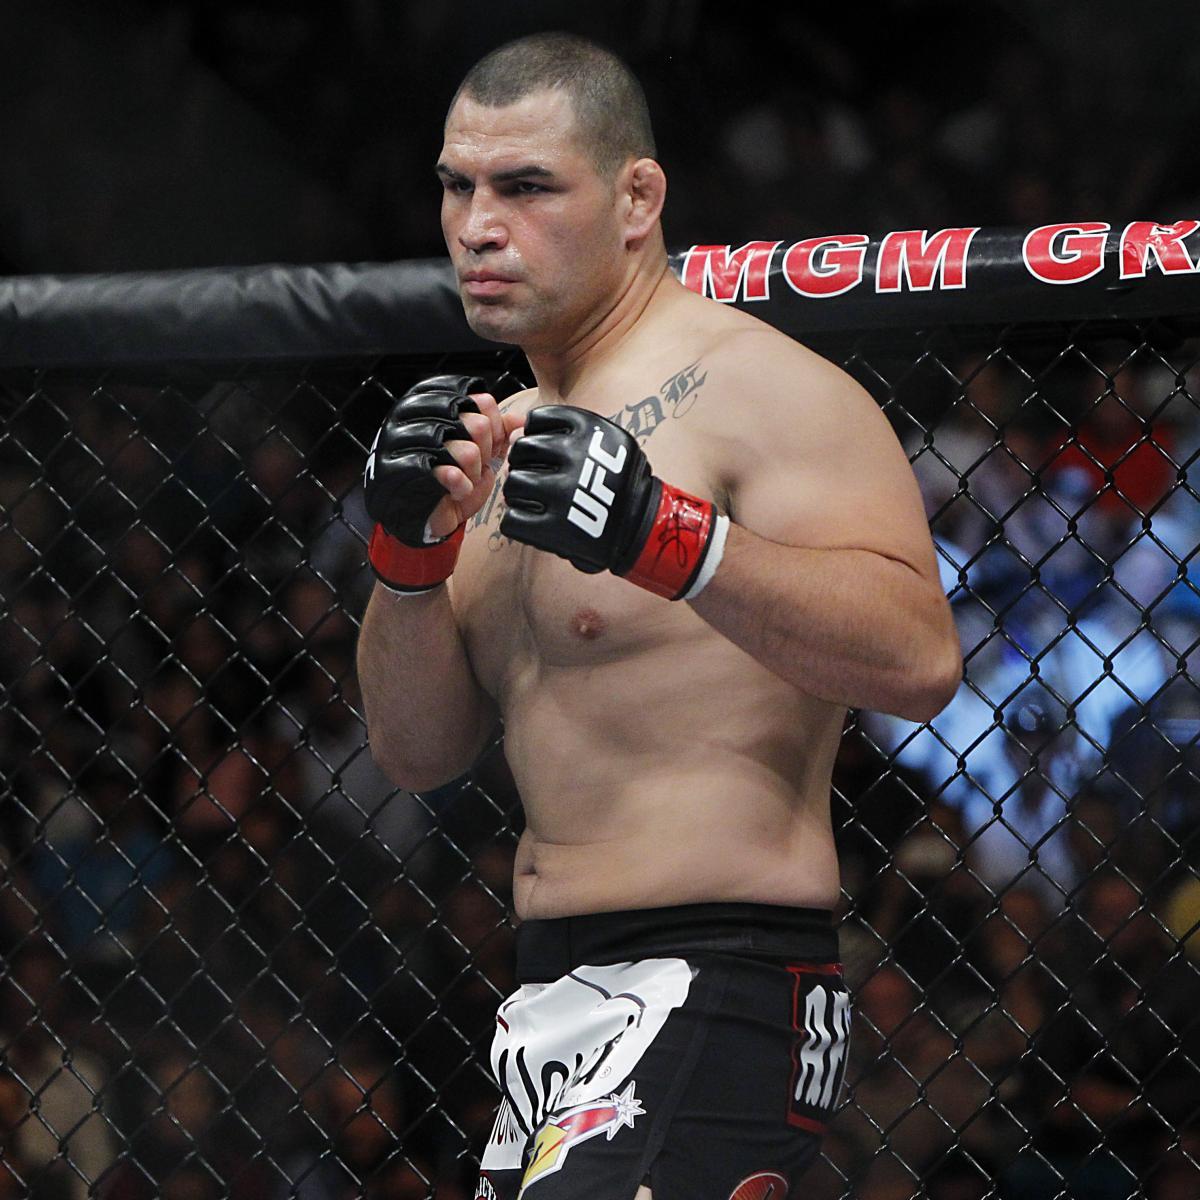 UFC 166: 3 Questions We Have About Cain Velasquez